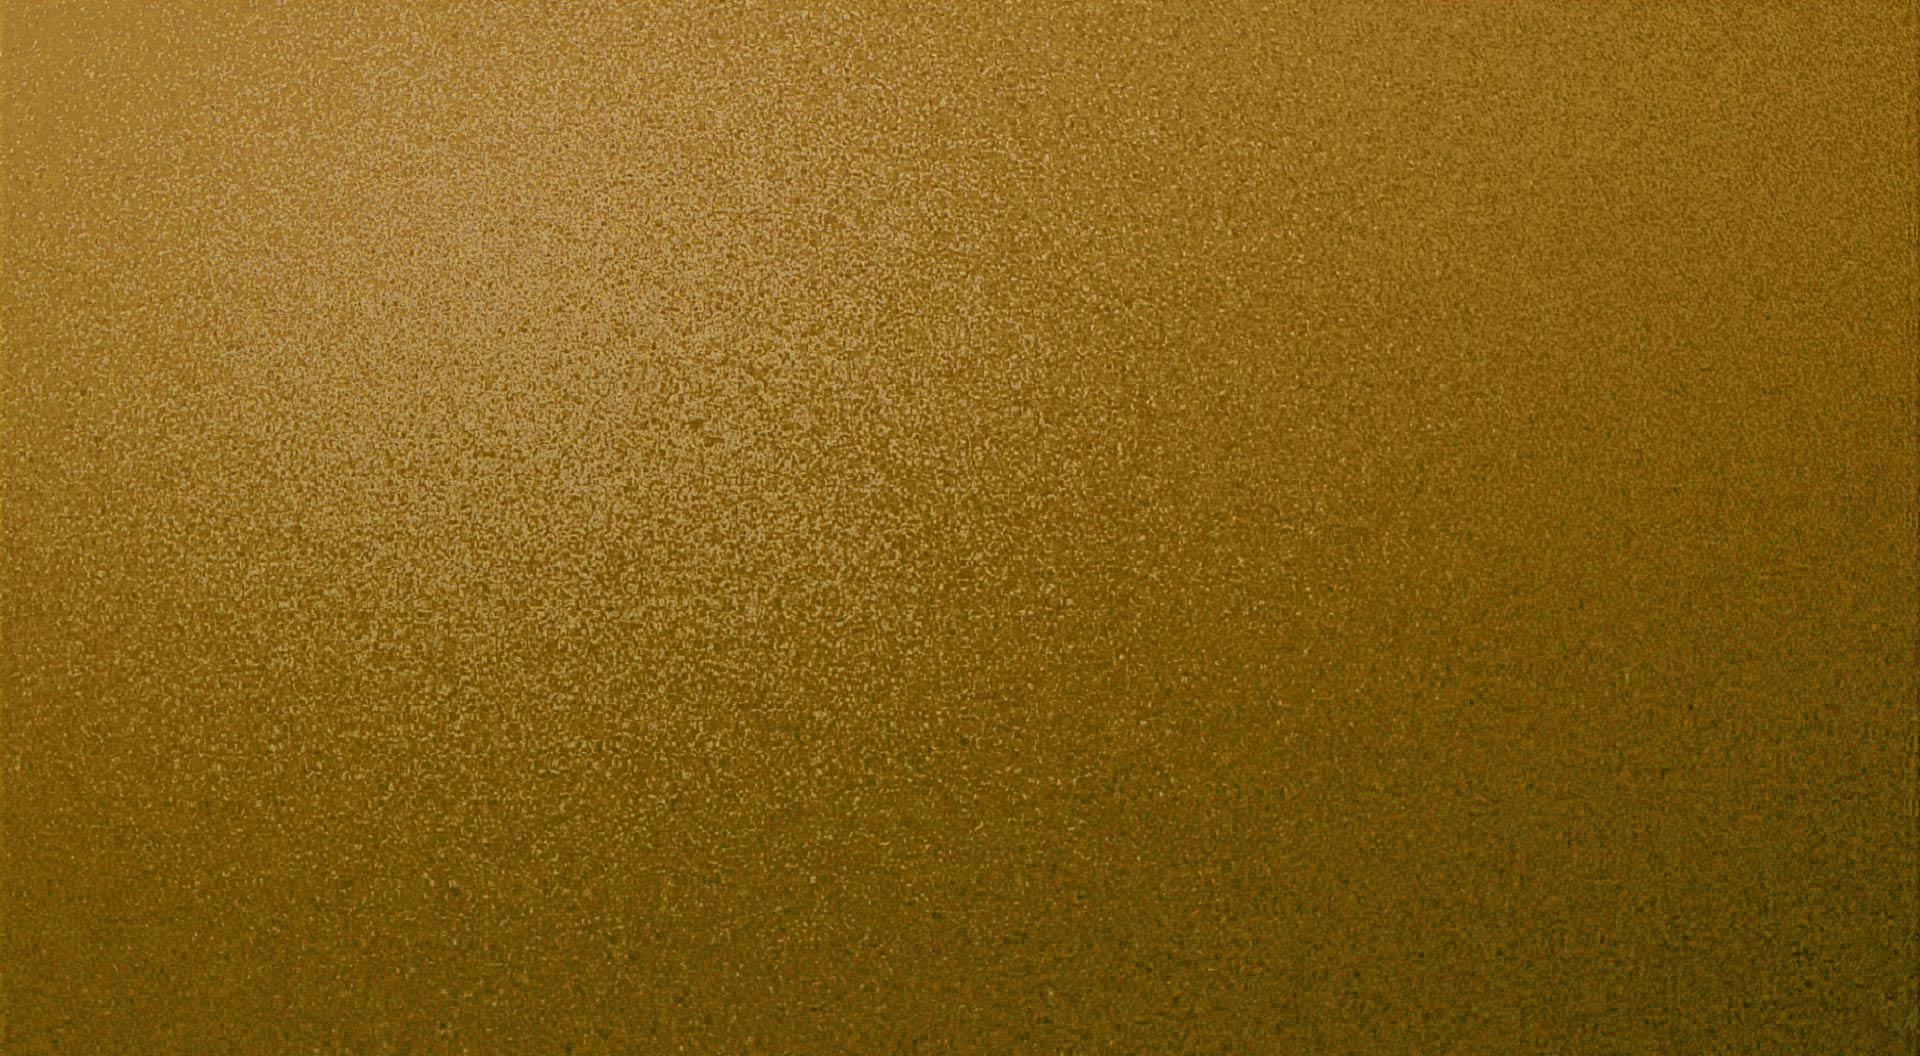 gold textured wallpaper 2015   Grasscloth Wallpaper 1920x1056